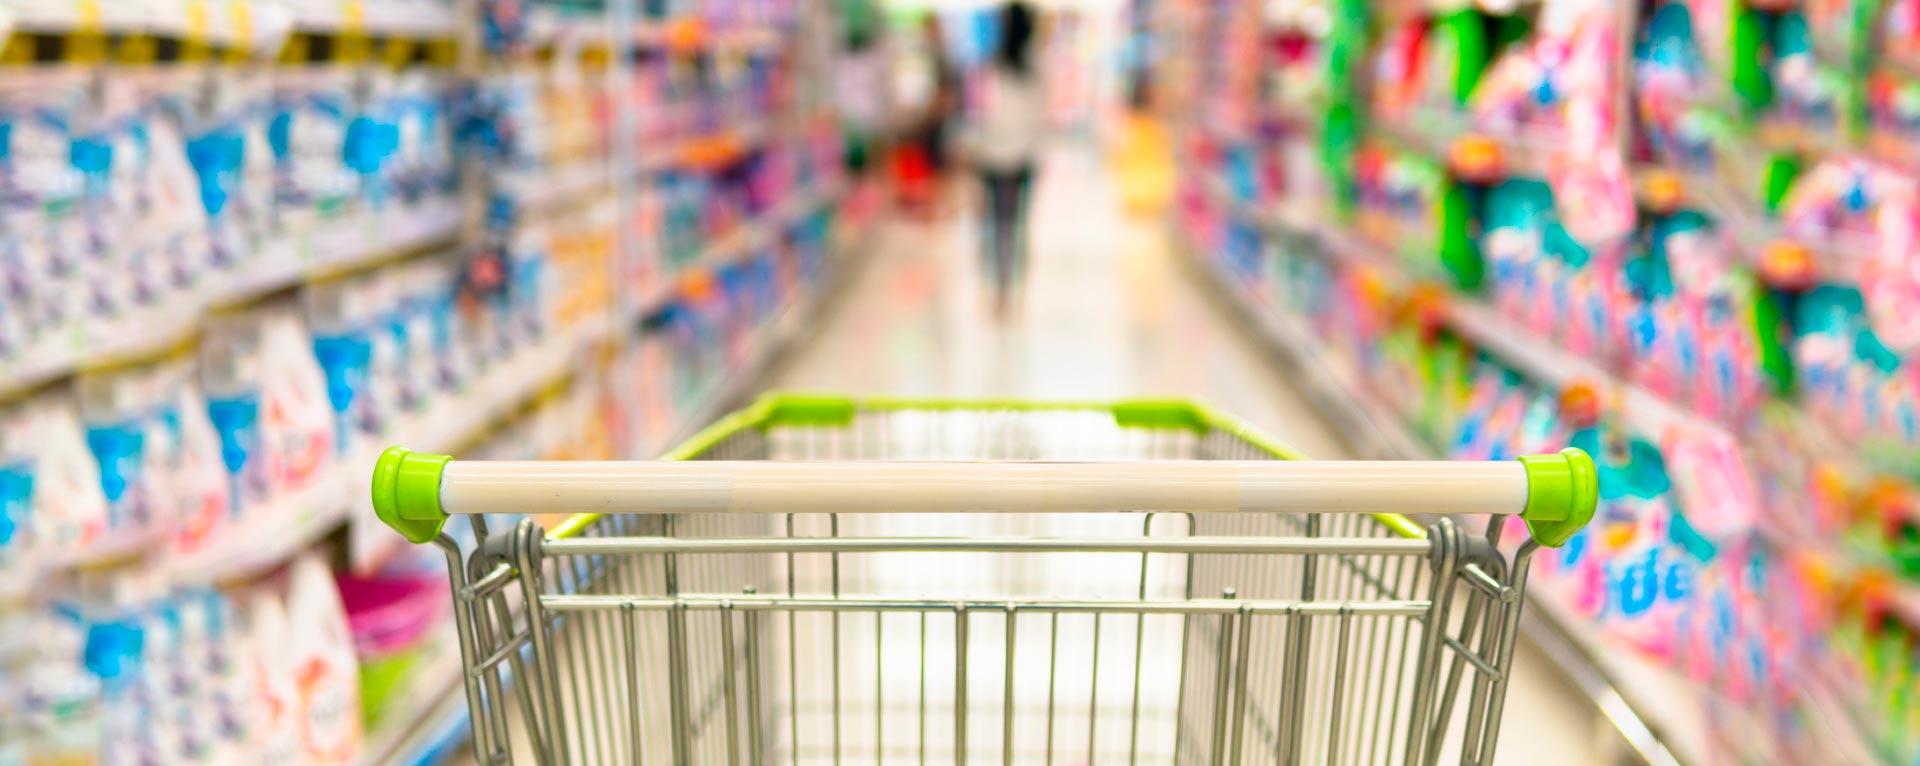 cesta de la compra en crisis covid19